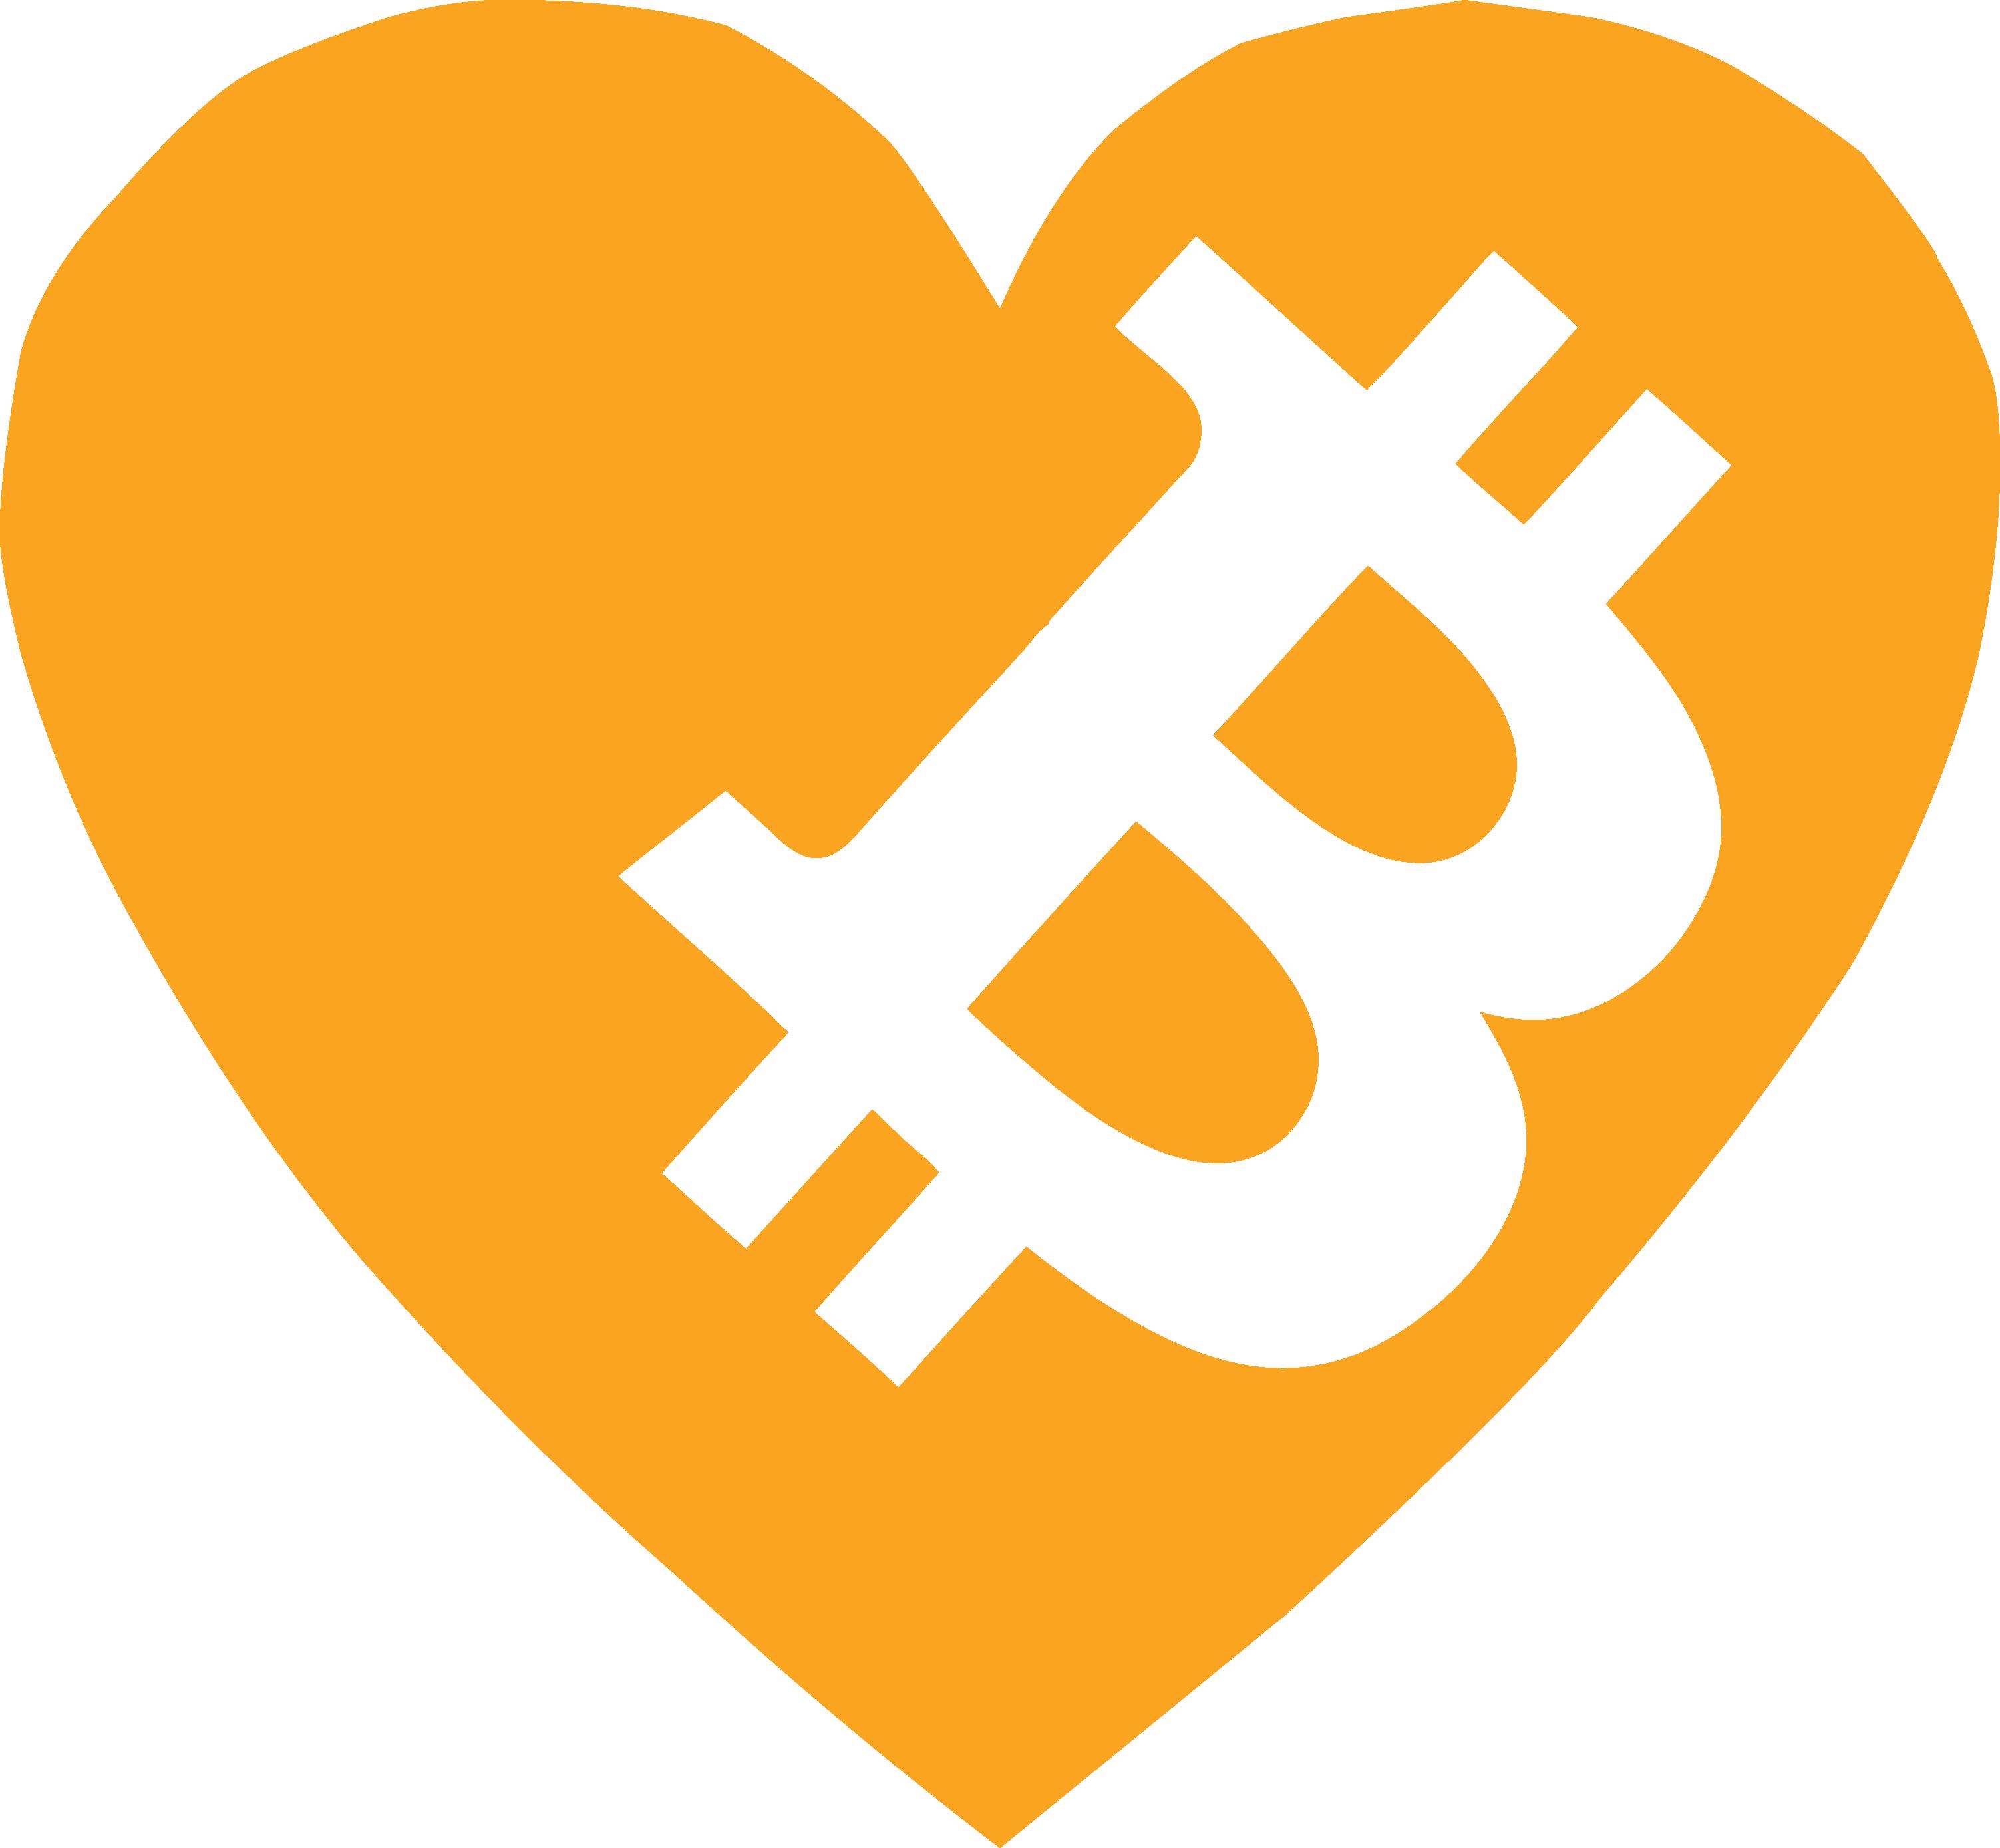 Heart_Bitcoin_-_I_love_Bitcoin.png